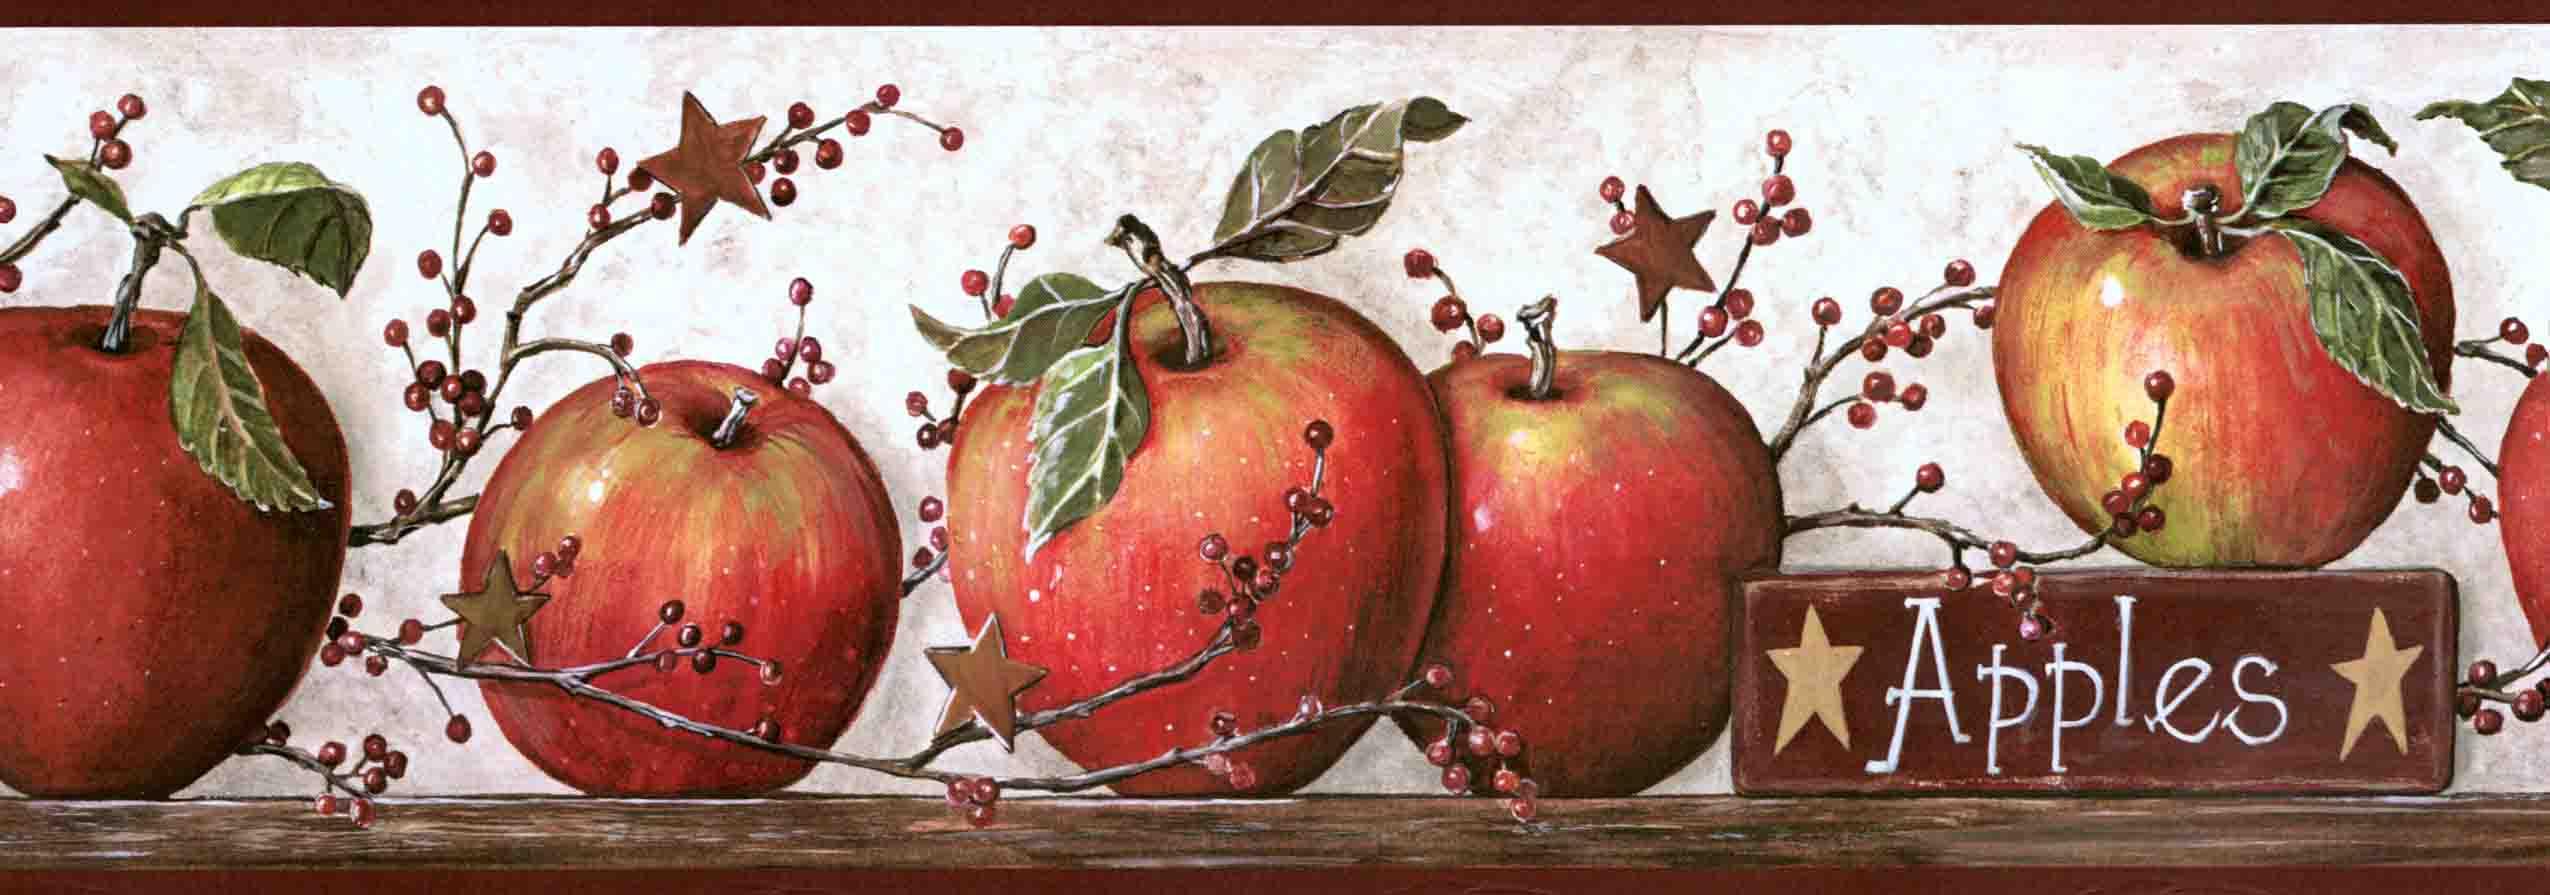 Apples Wall Border KE4914BDB   Wallpaper Border Wallpaper inccom 2550x895